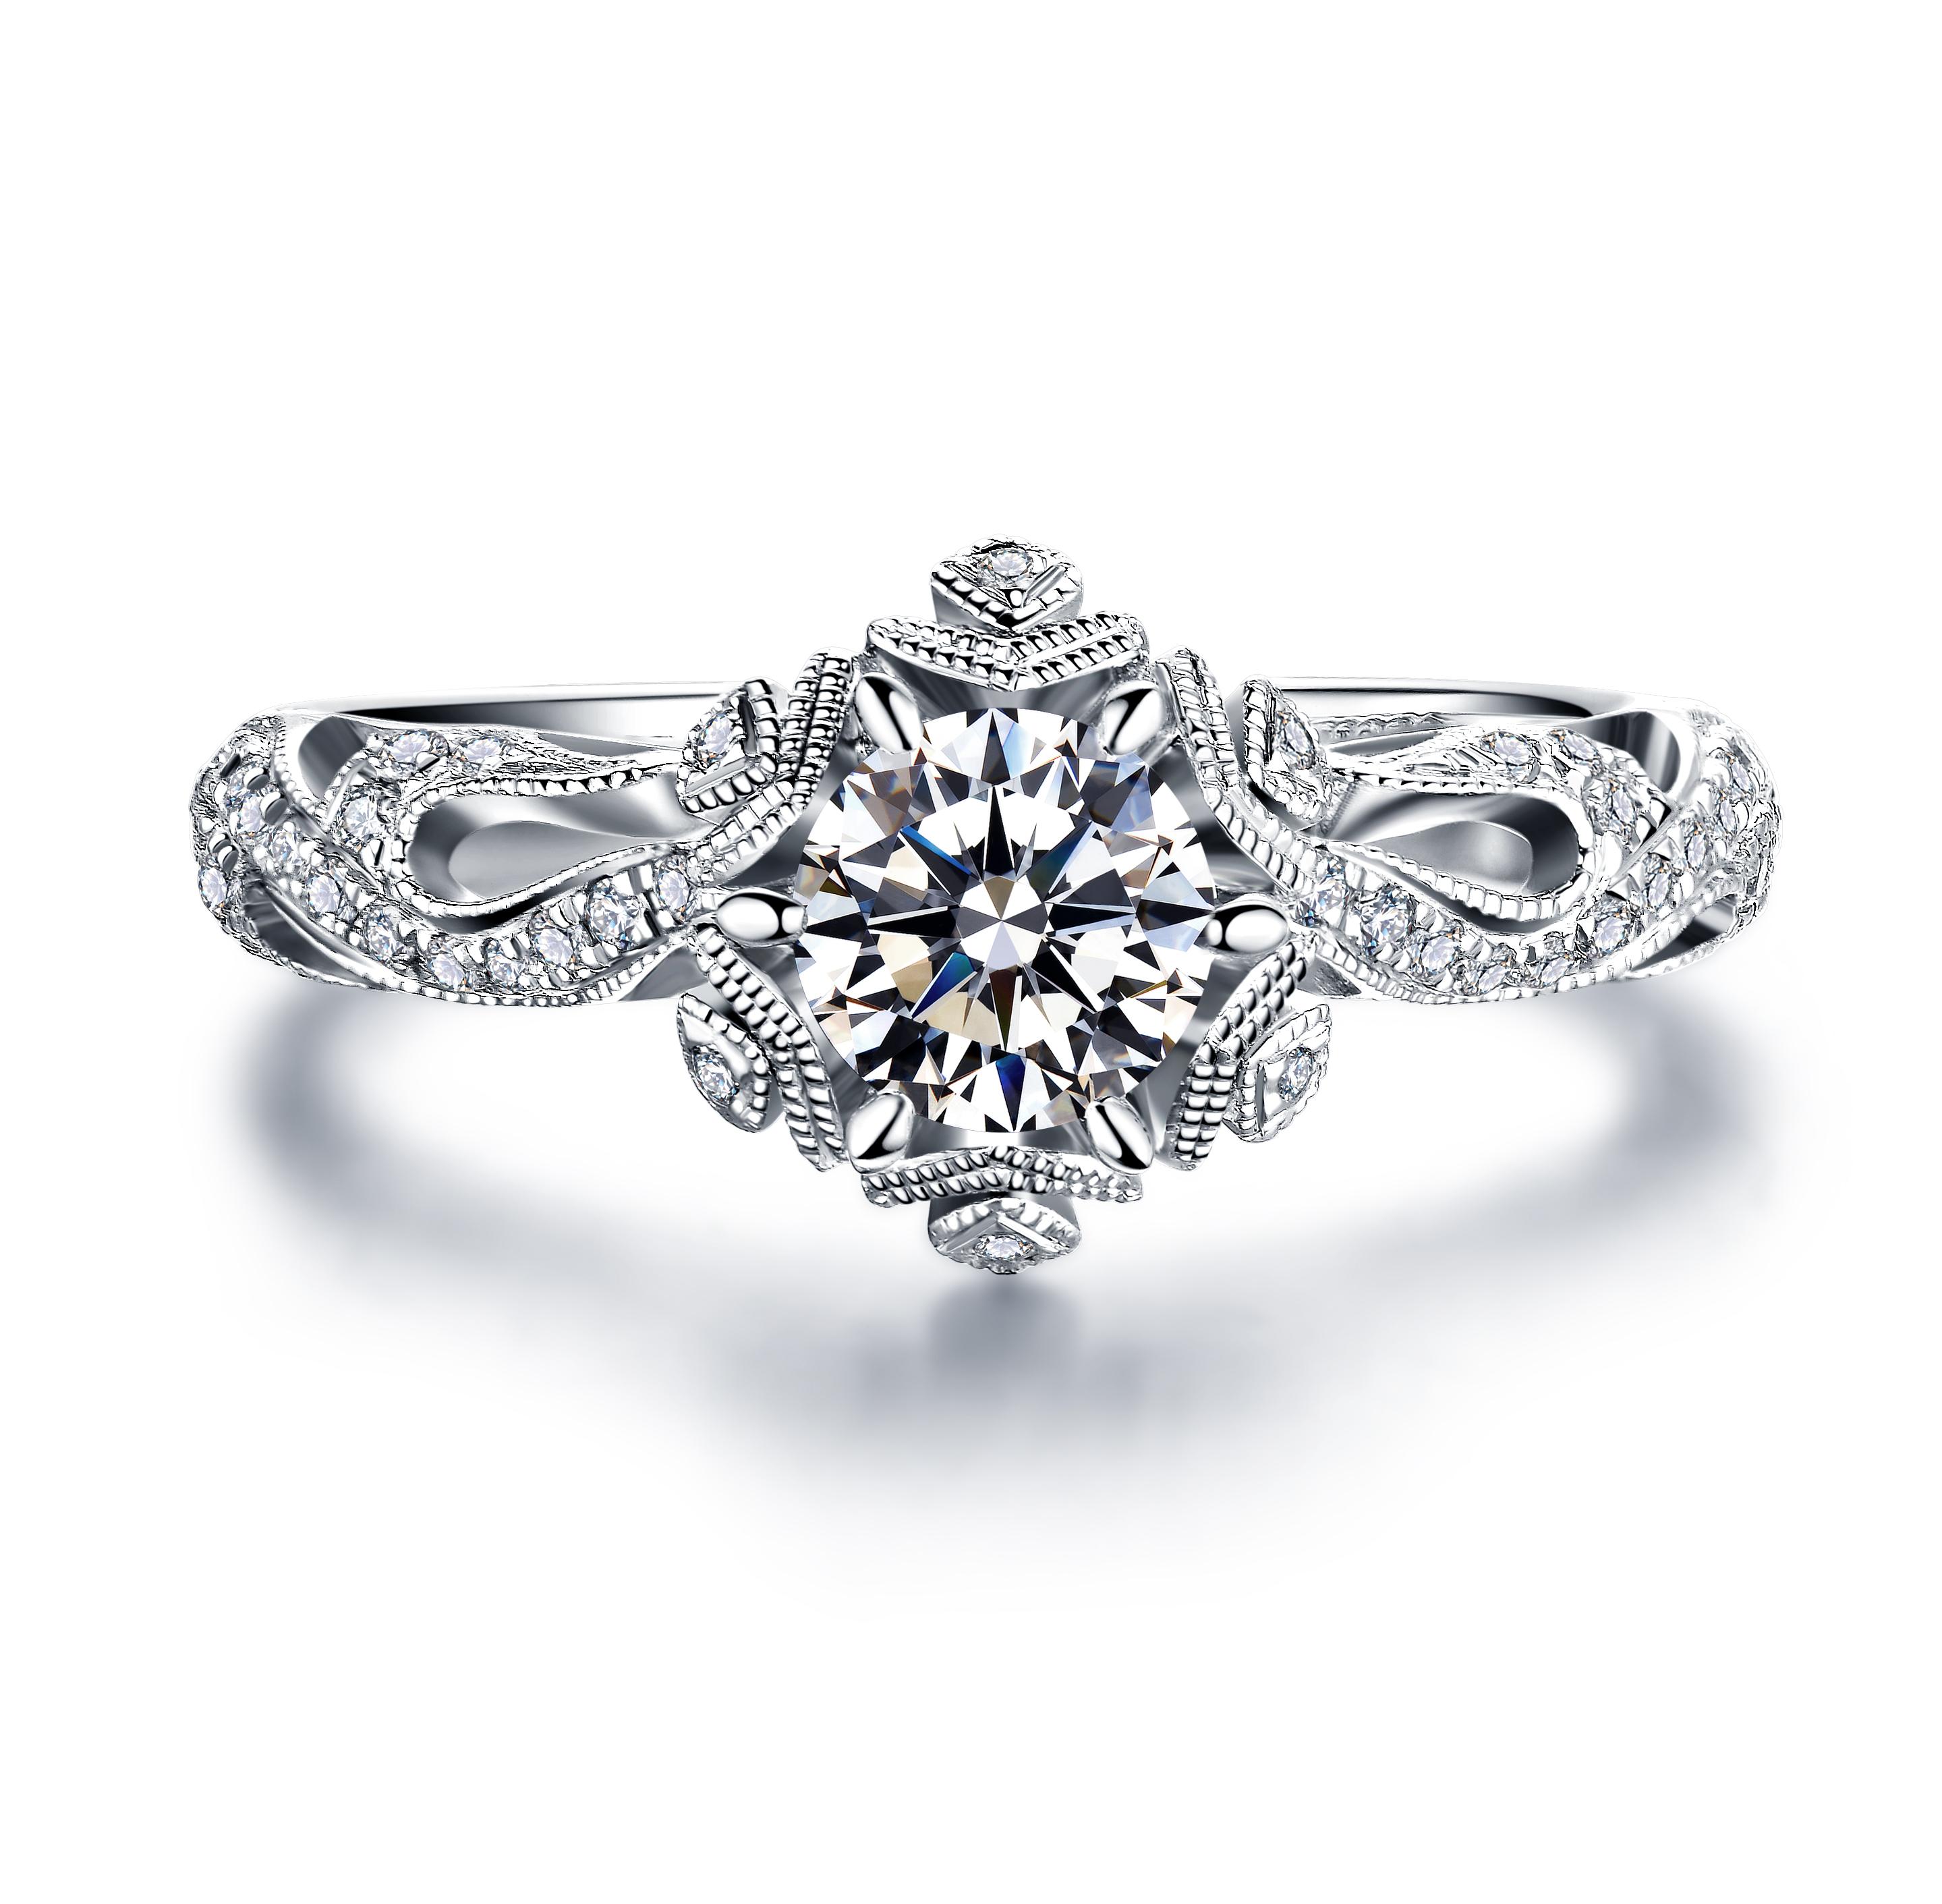 钻石的价格会随着时间改变吗